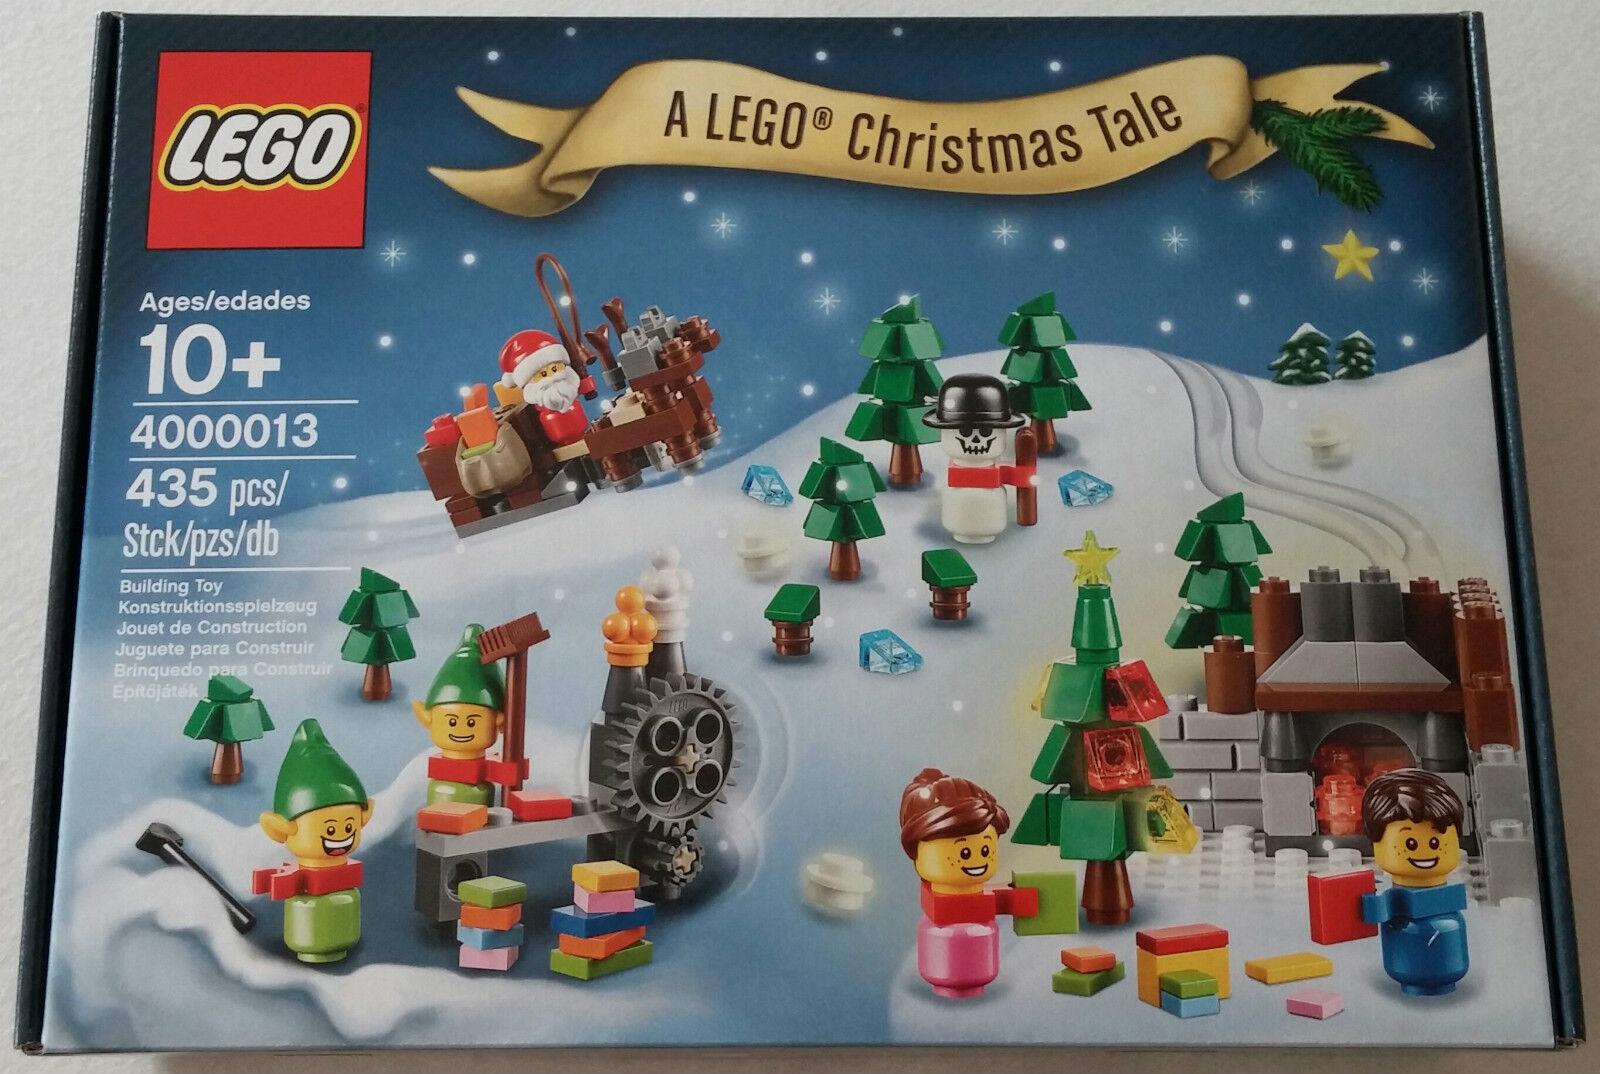 Lego  ® 4000013 A LEGO Christmas Tale nouveau & OVP Limited Edition Ltd 6074709  dégagement jusqu'à 70%